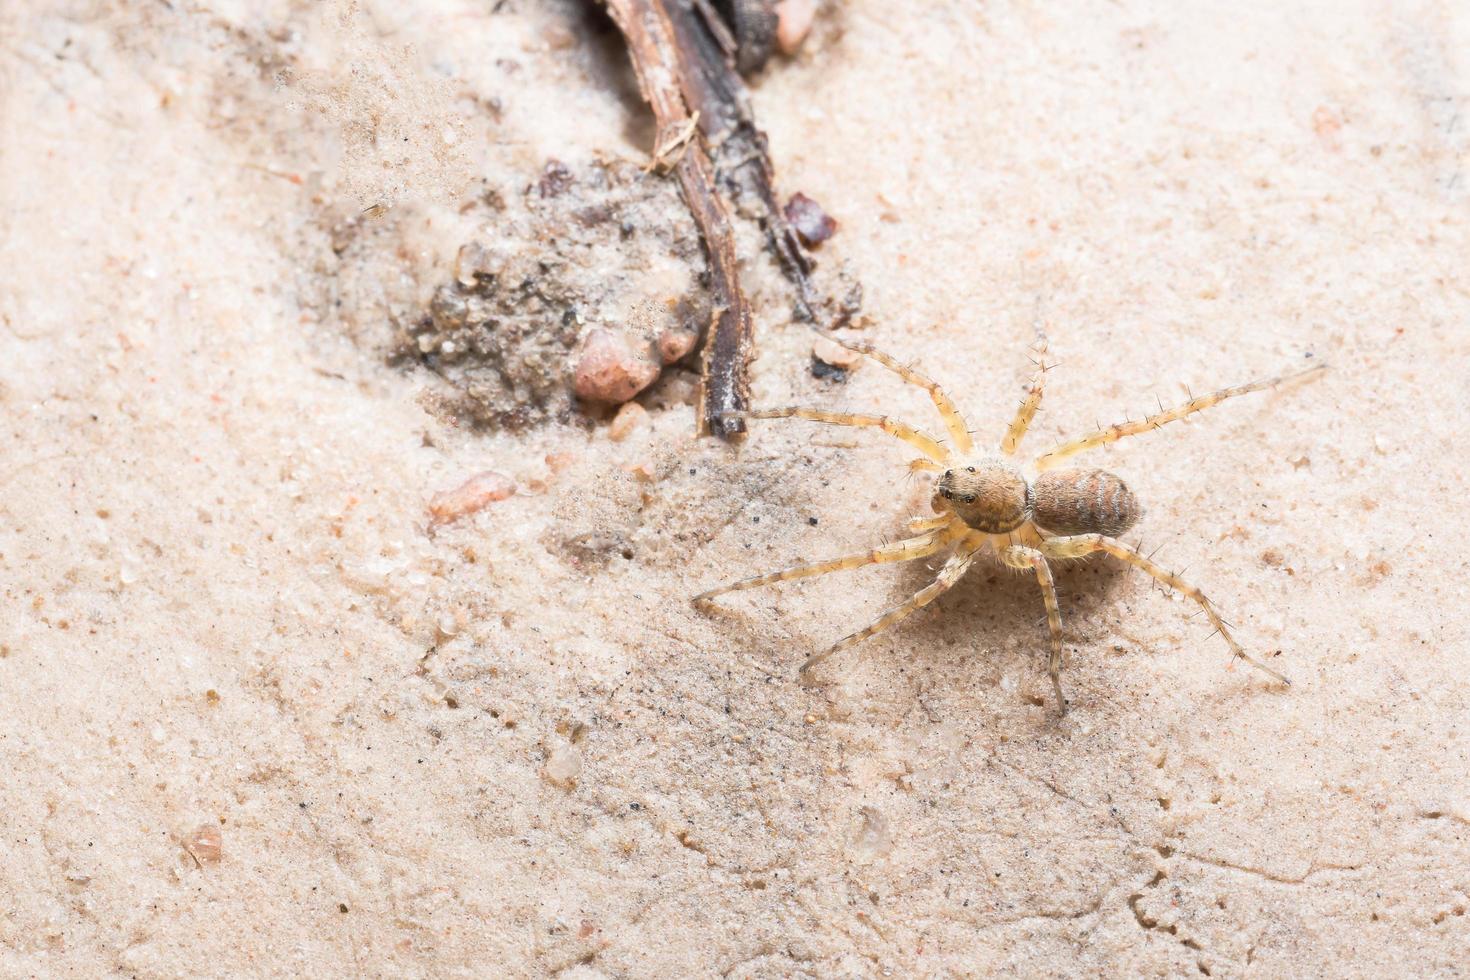 Spider on the ground photo